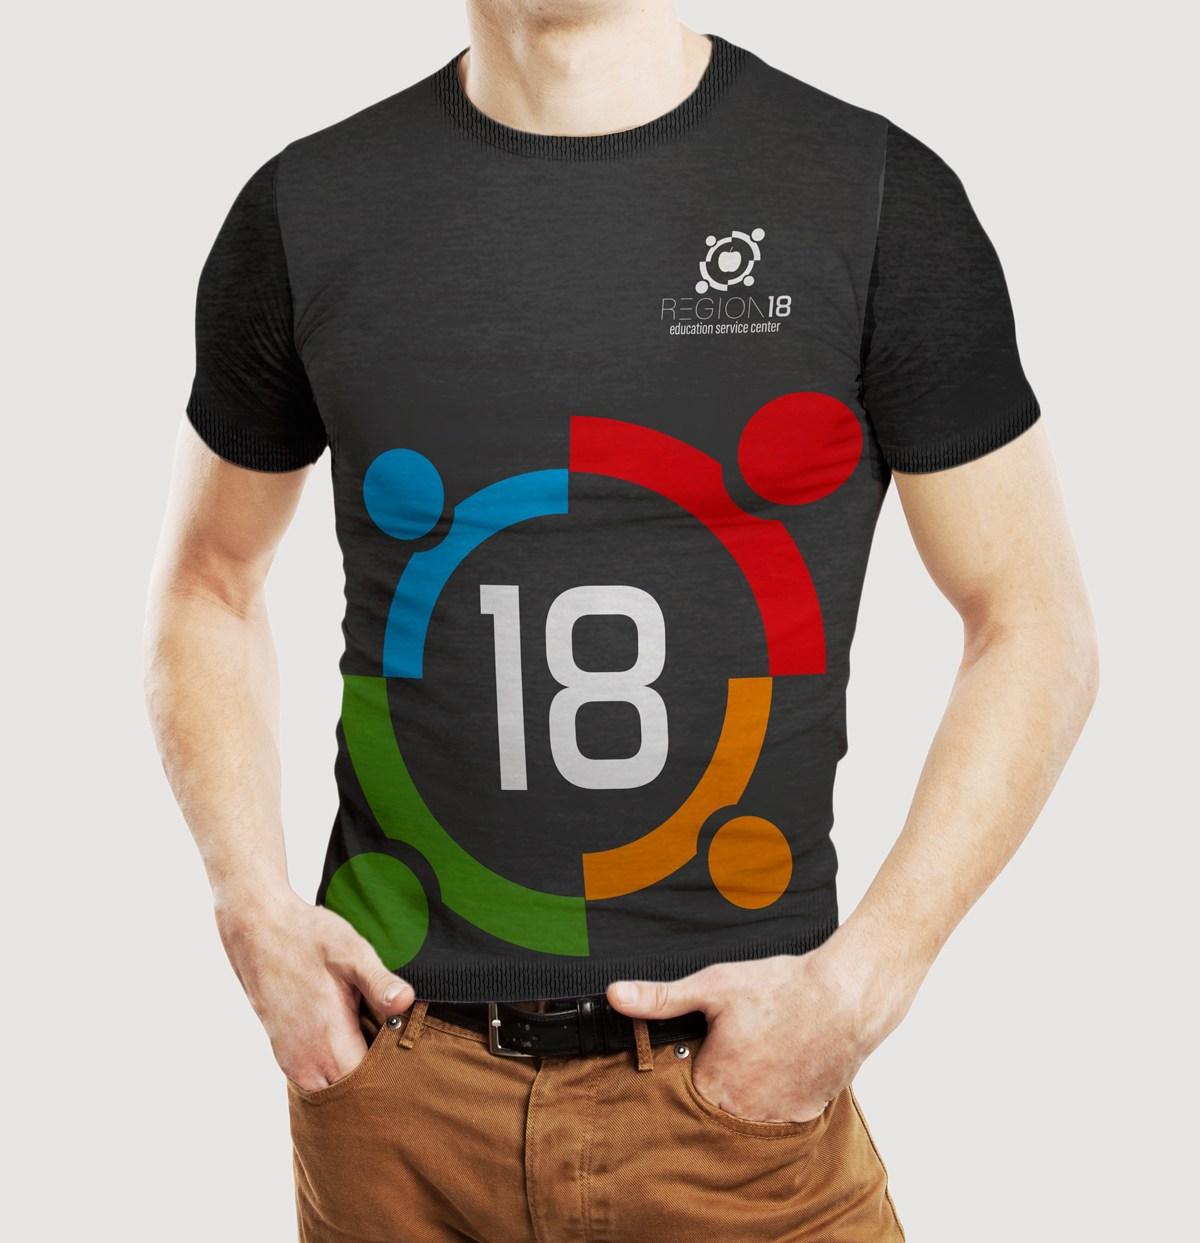 R18 Shirt